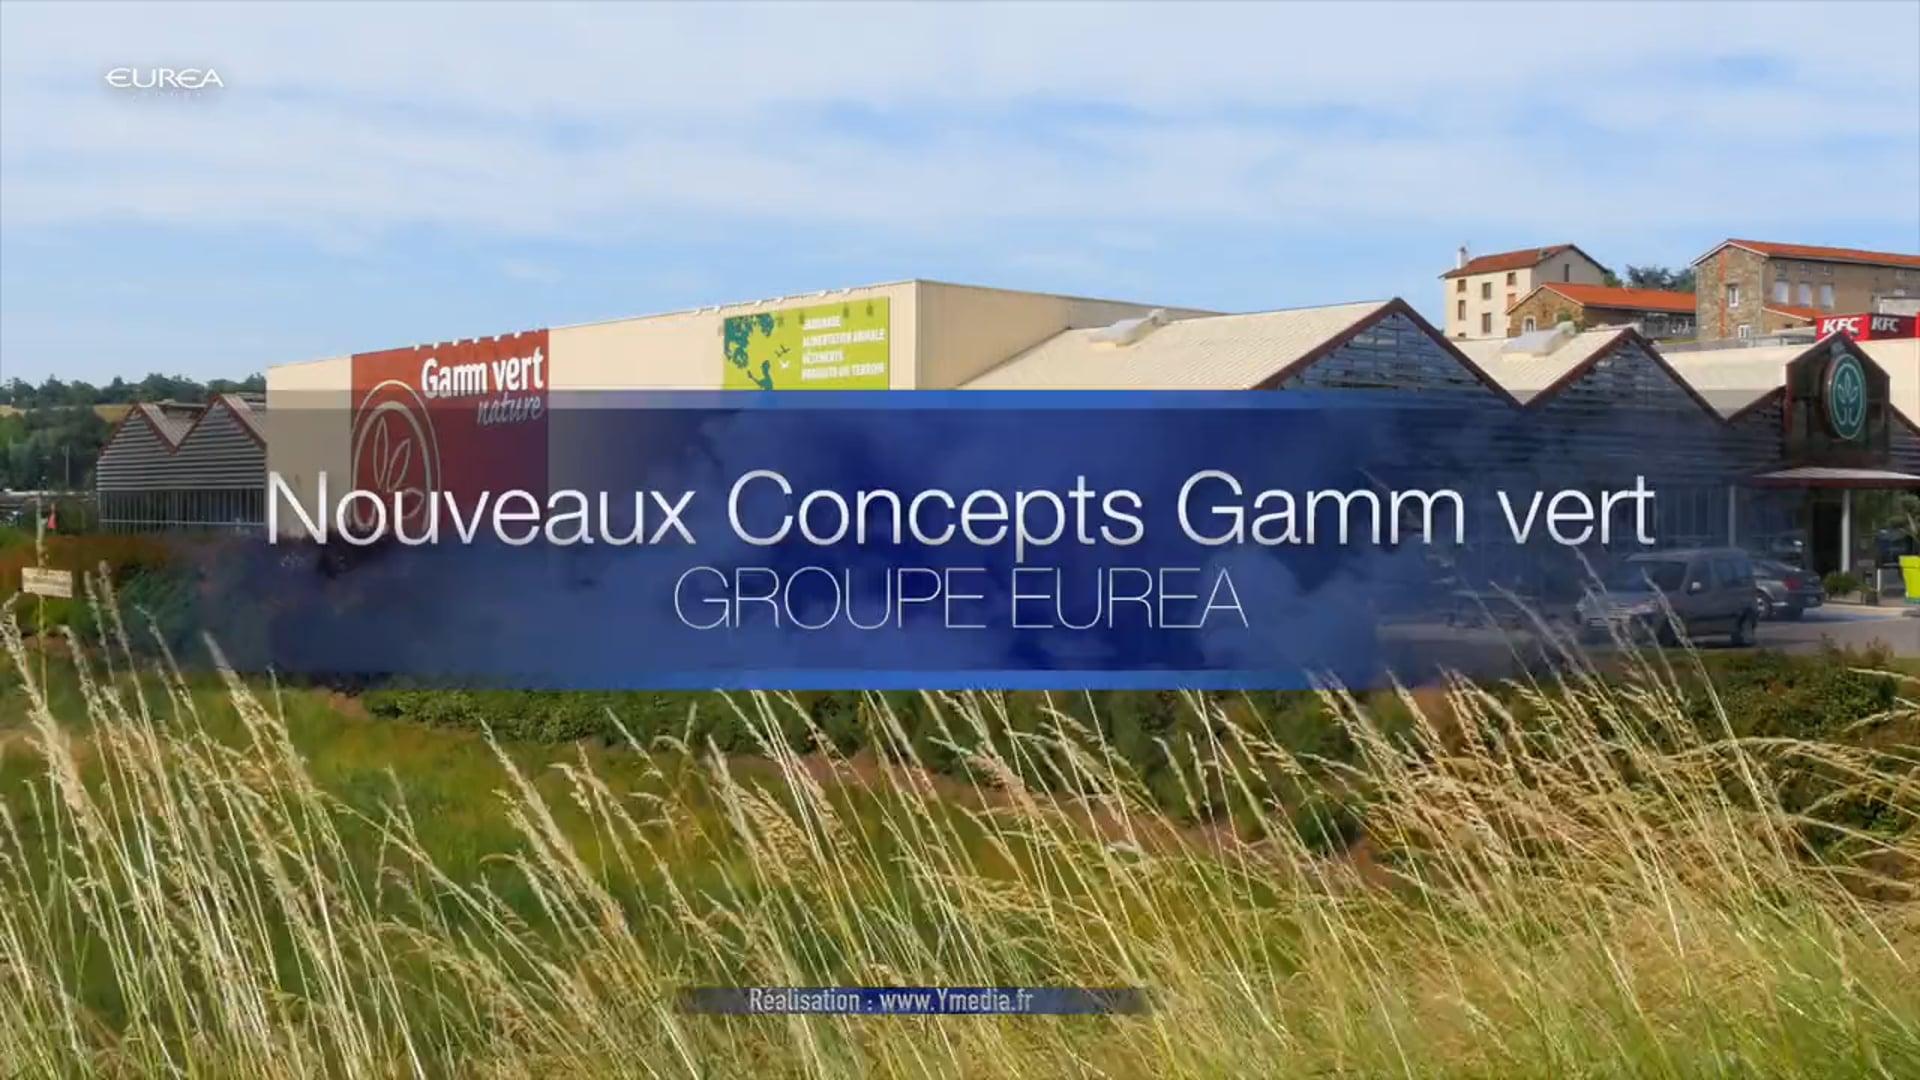 NOUVEAUX CONCEPTS GAMM VERT 2015